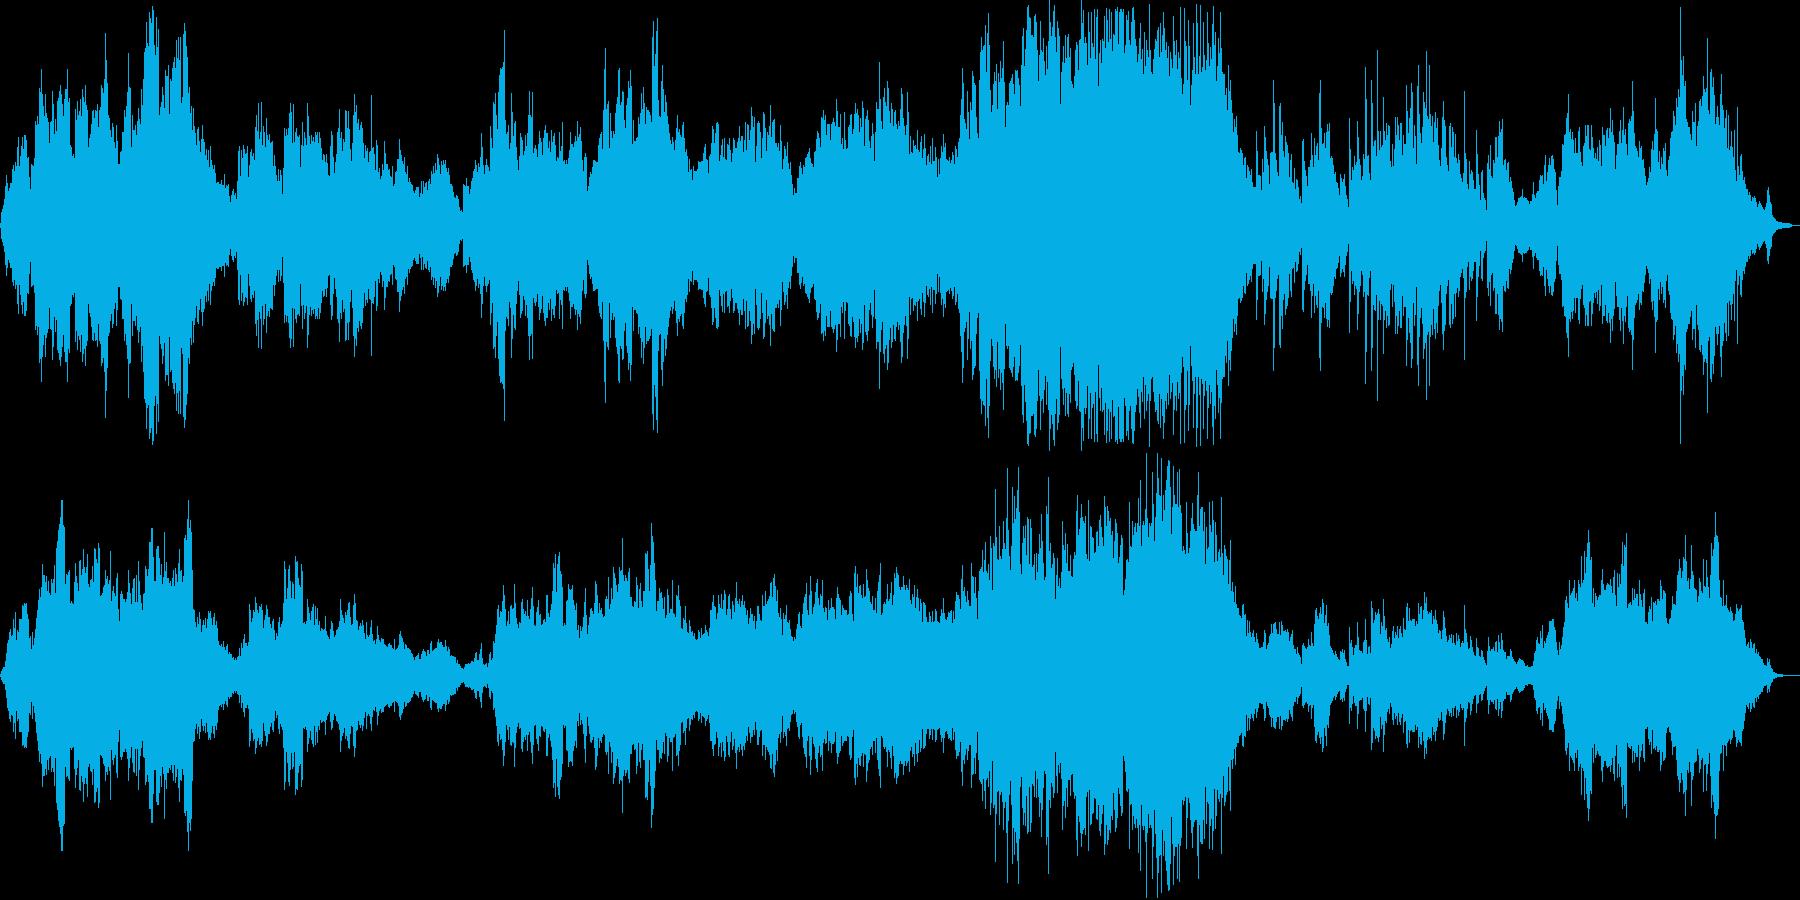 感動的なシンセ・管楽器などのサウンドの再生済みの波形